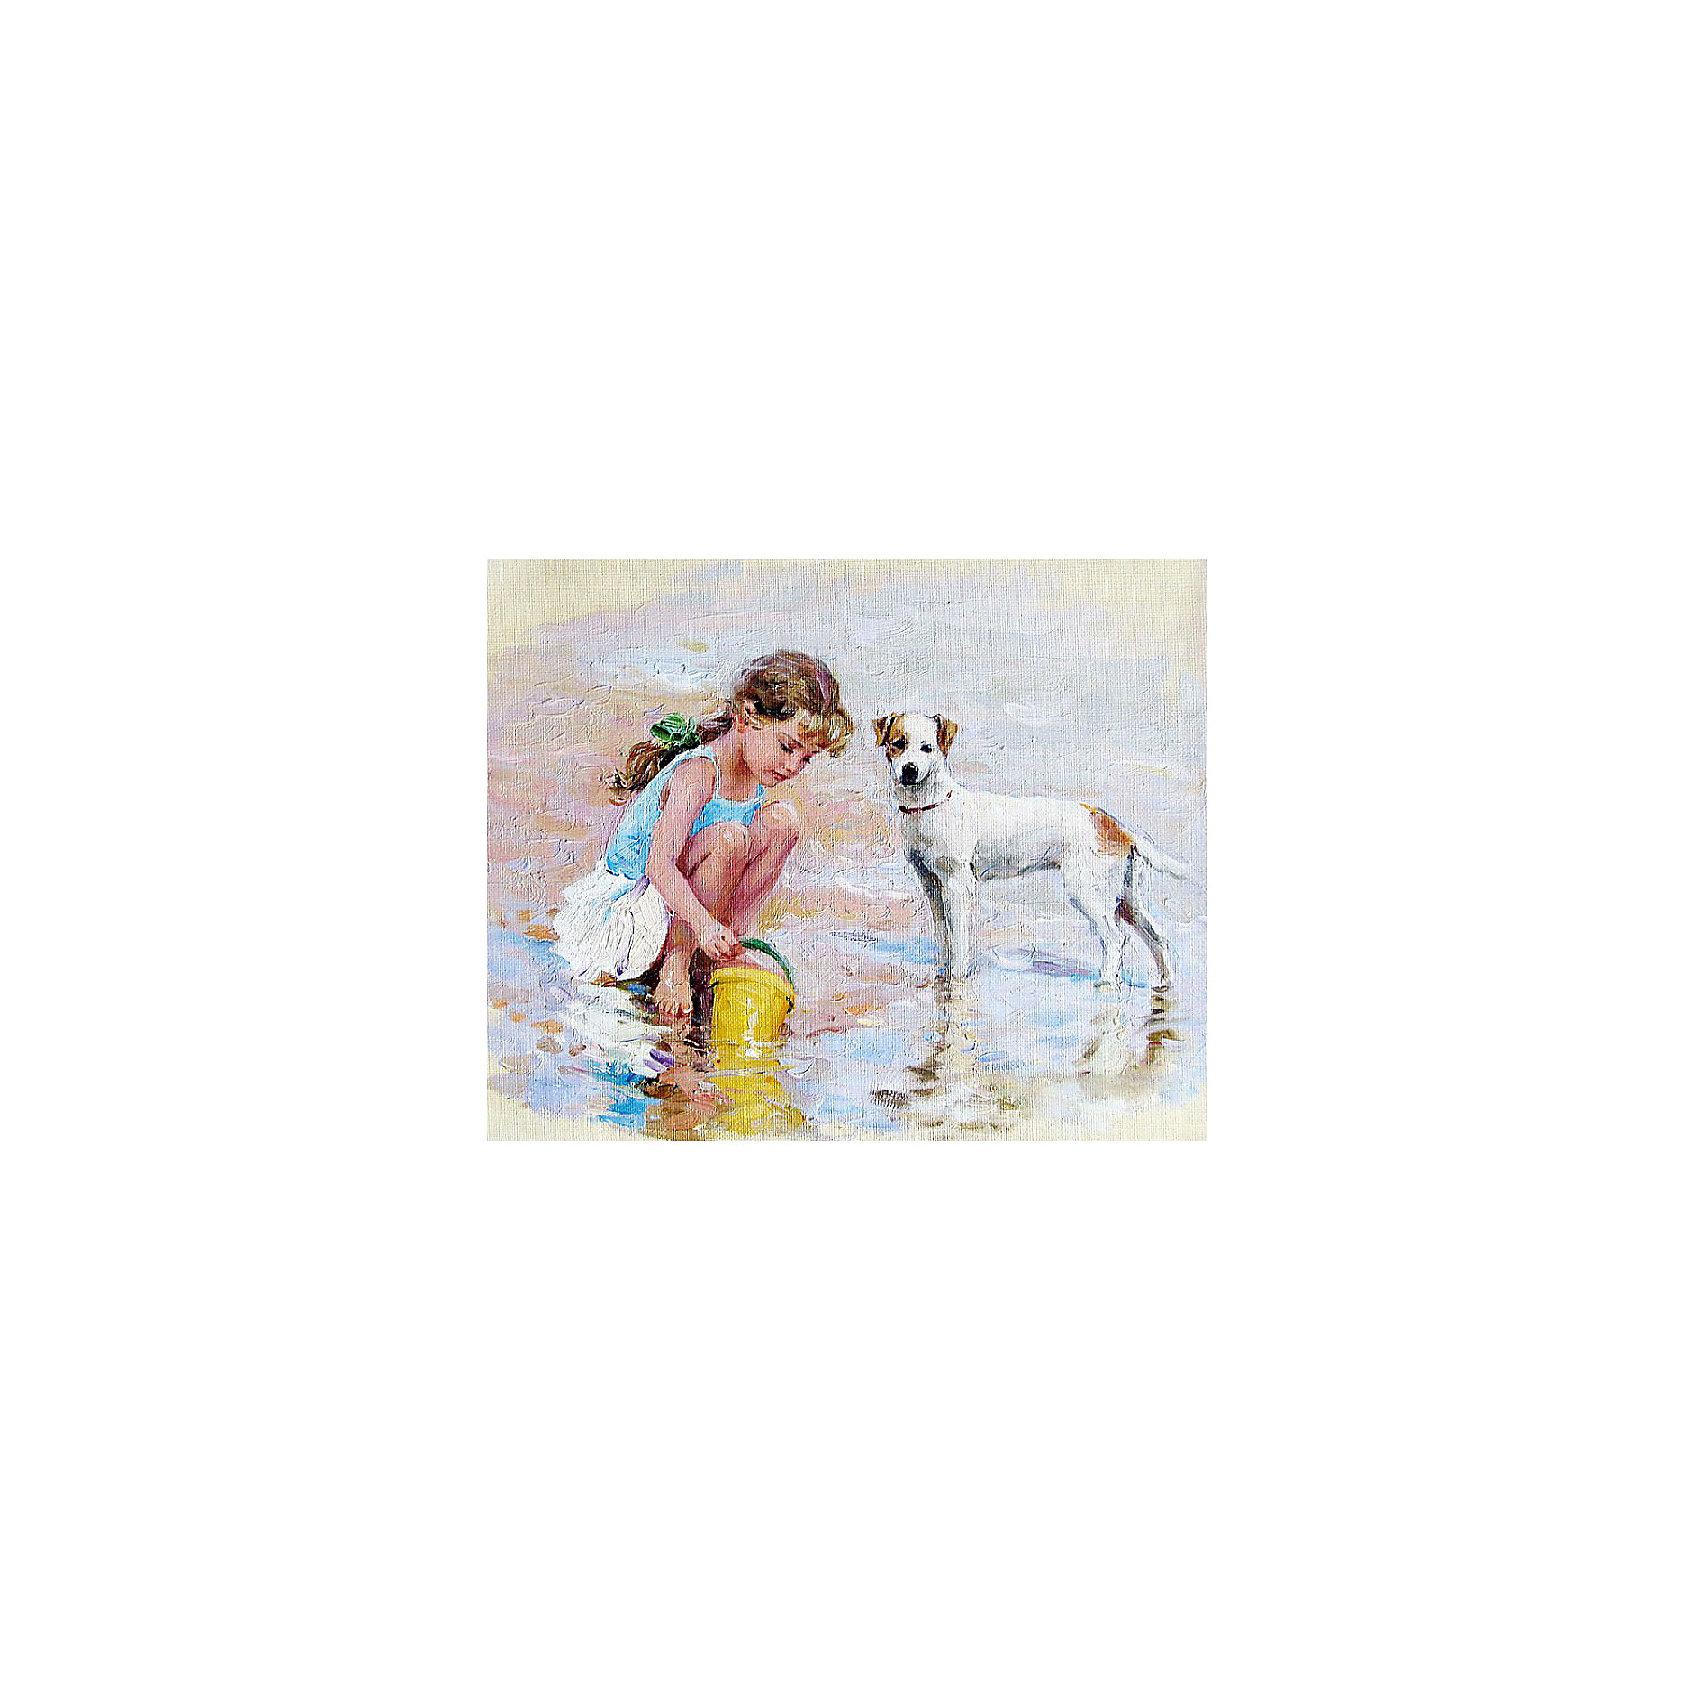 Картина по номерам К. Разумов: Верный друг, 40*50 смРисование<br>Картины с раскраской по номерам размером 40*50. На деревянном подрамнике, с прогрунтованным холстом и  нанесенными контурами картины, с указанием цвета закраски, акриловыми красками, 3 кисточками и креплением на стену. Уровень сложности, количество красок указаны на коробке.<br><br>Ширина мм: 500<br>Глубина мм: 400<br>Высота мм: 40<br>Вес г: 730<br>Возраст от месяцев: 108<br>Возраст до месяцев: 2147483647<br>Пол: Унисекс<br>Возраст: Детский<br>SKU: 5417710